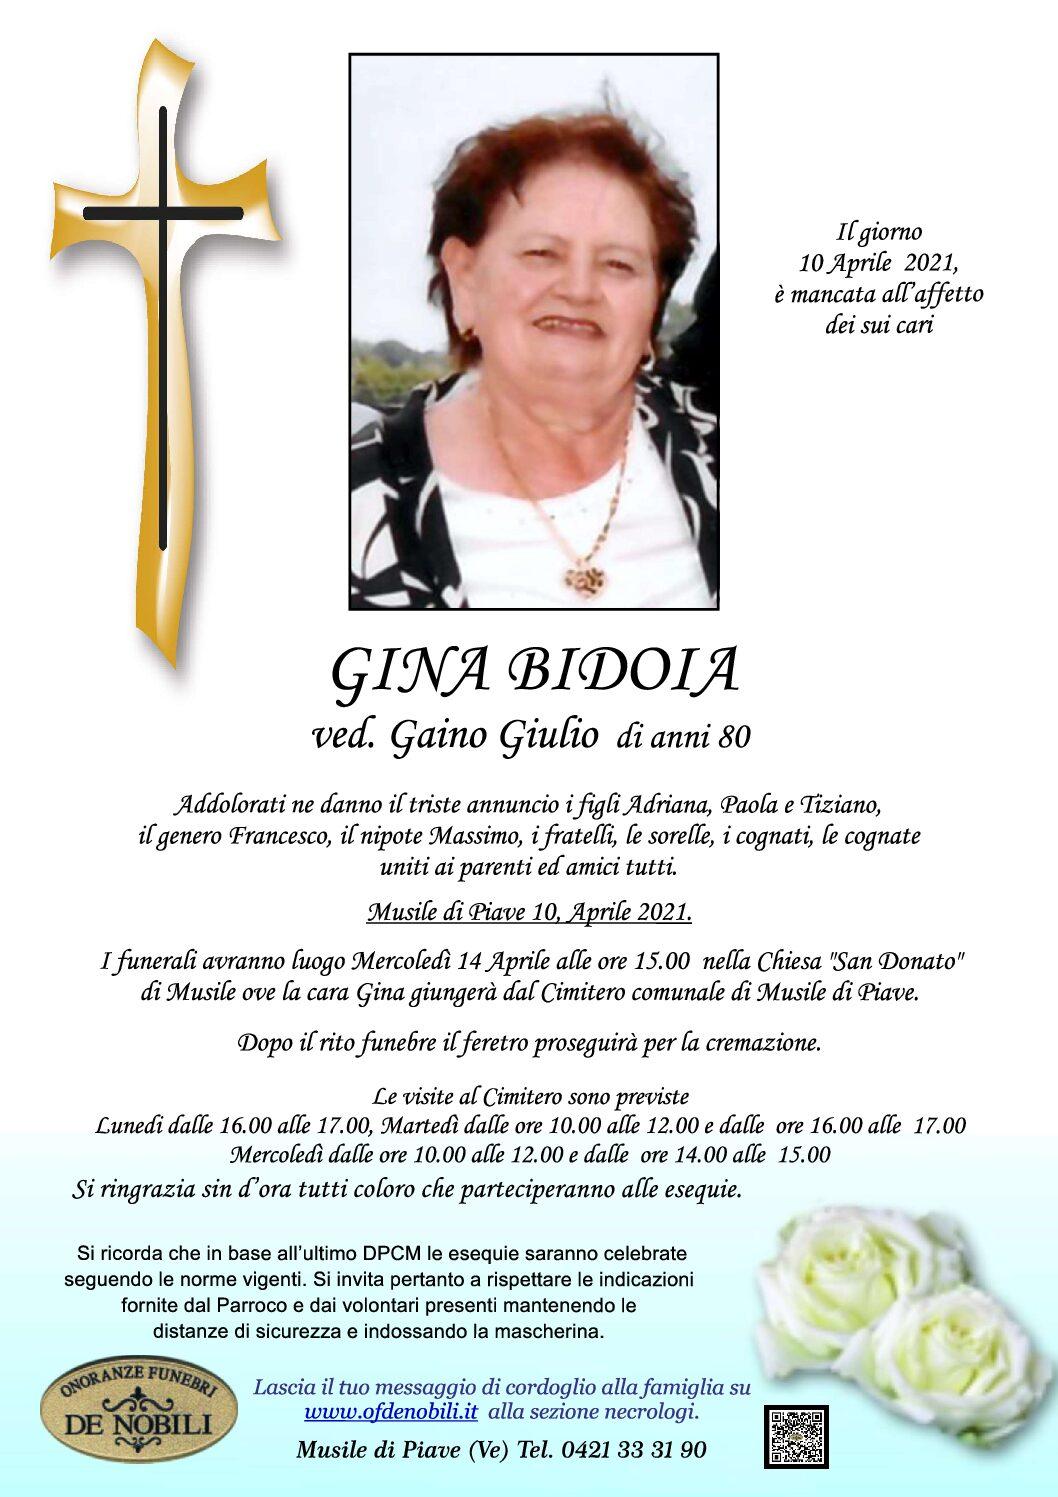 Gina Bidoia